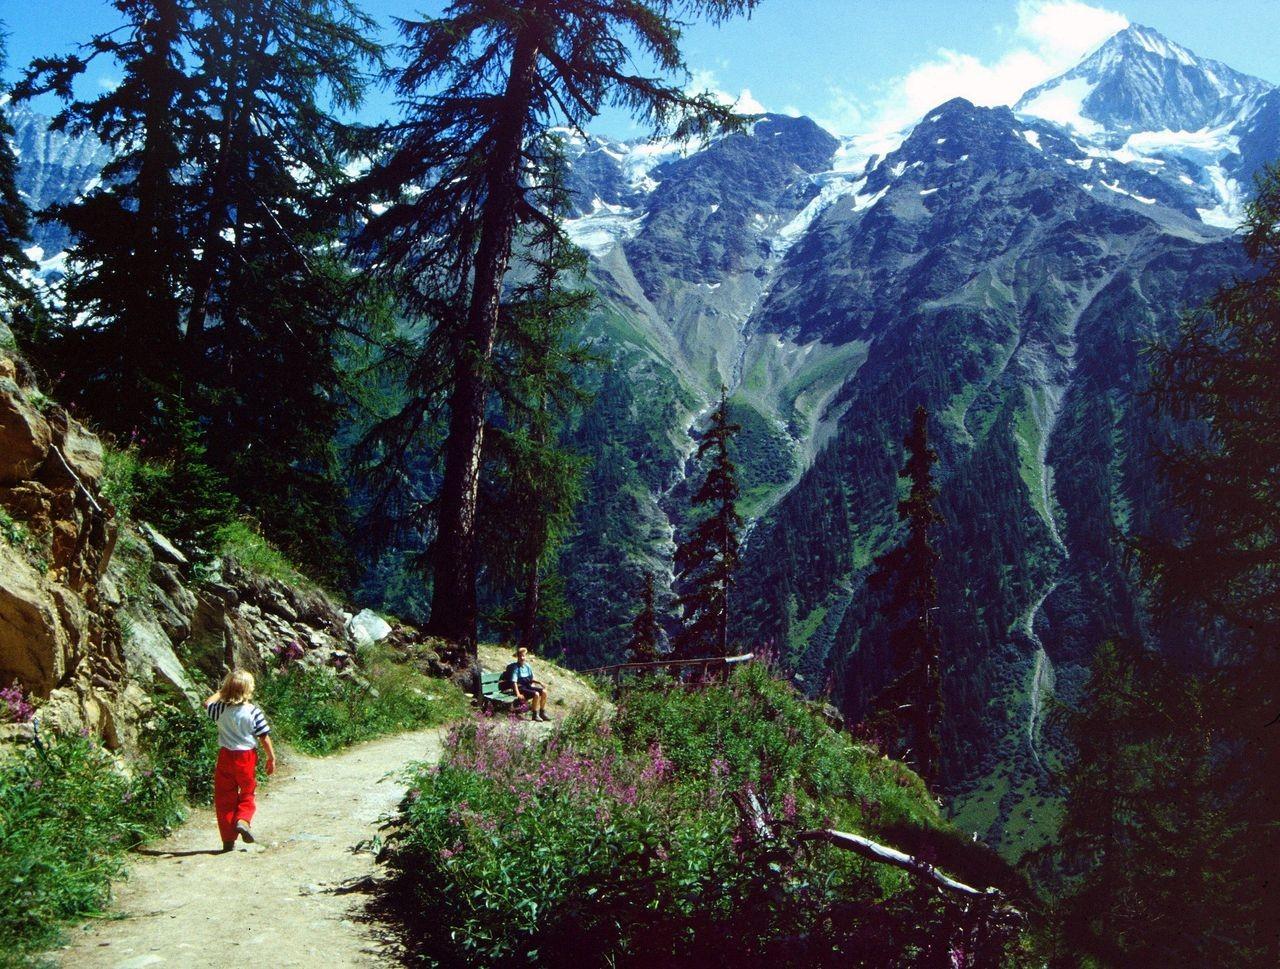 Rastbank mit schöner Sicht auf das Bietschhorn